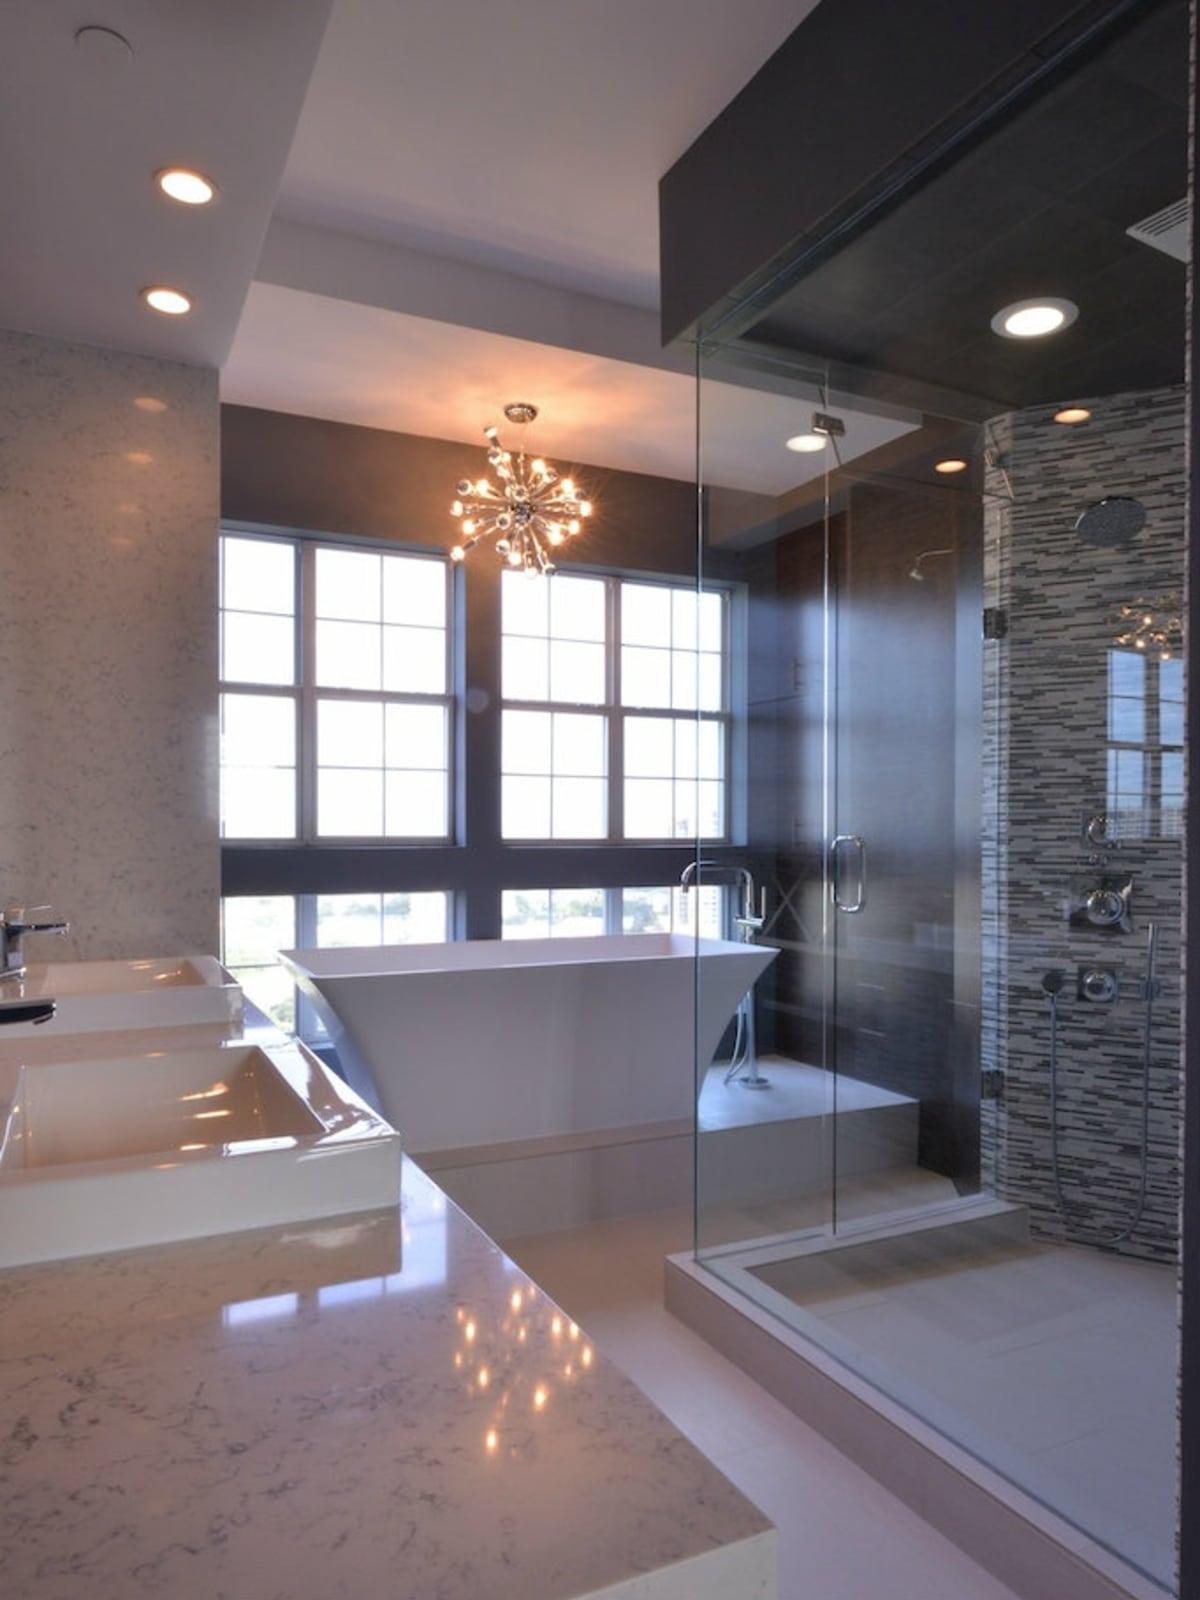 Porch.com master bathroom in Dallas